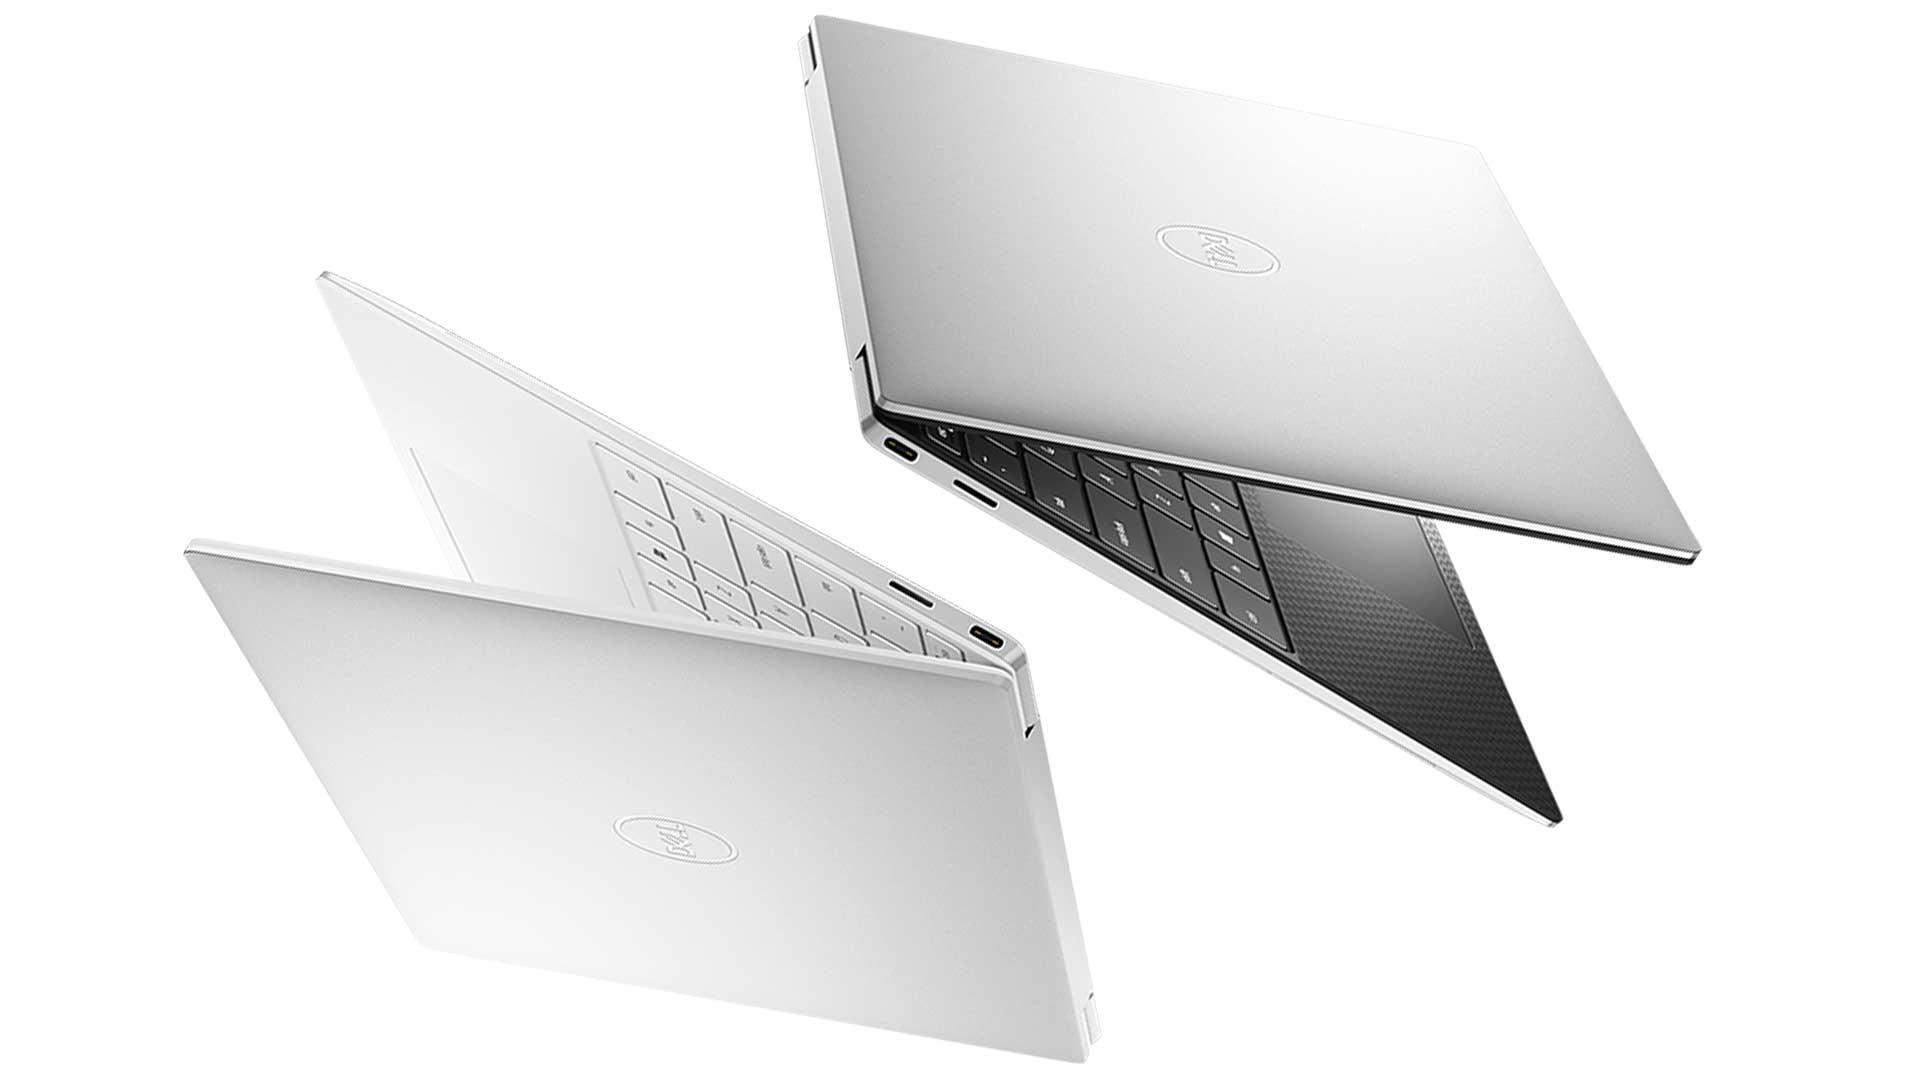 لپتاپ دل XPS 13 مدل ۲۰۲۰ رسما ارایه شد